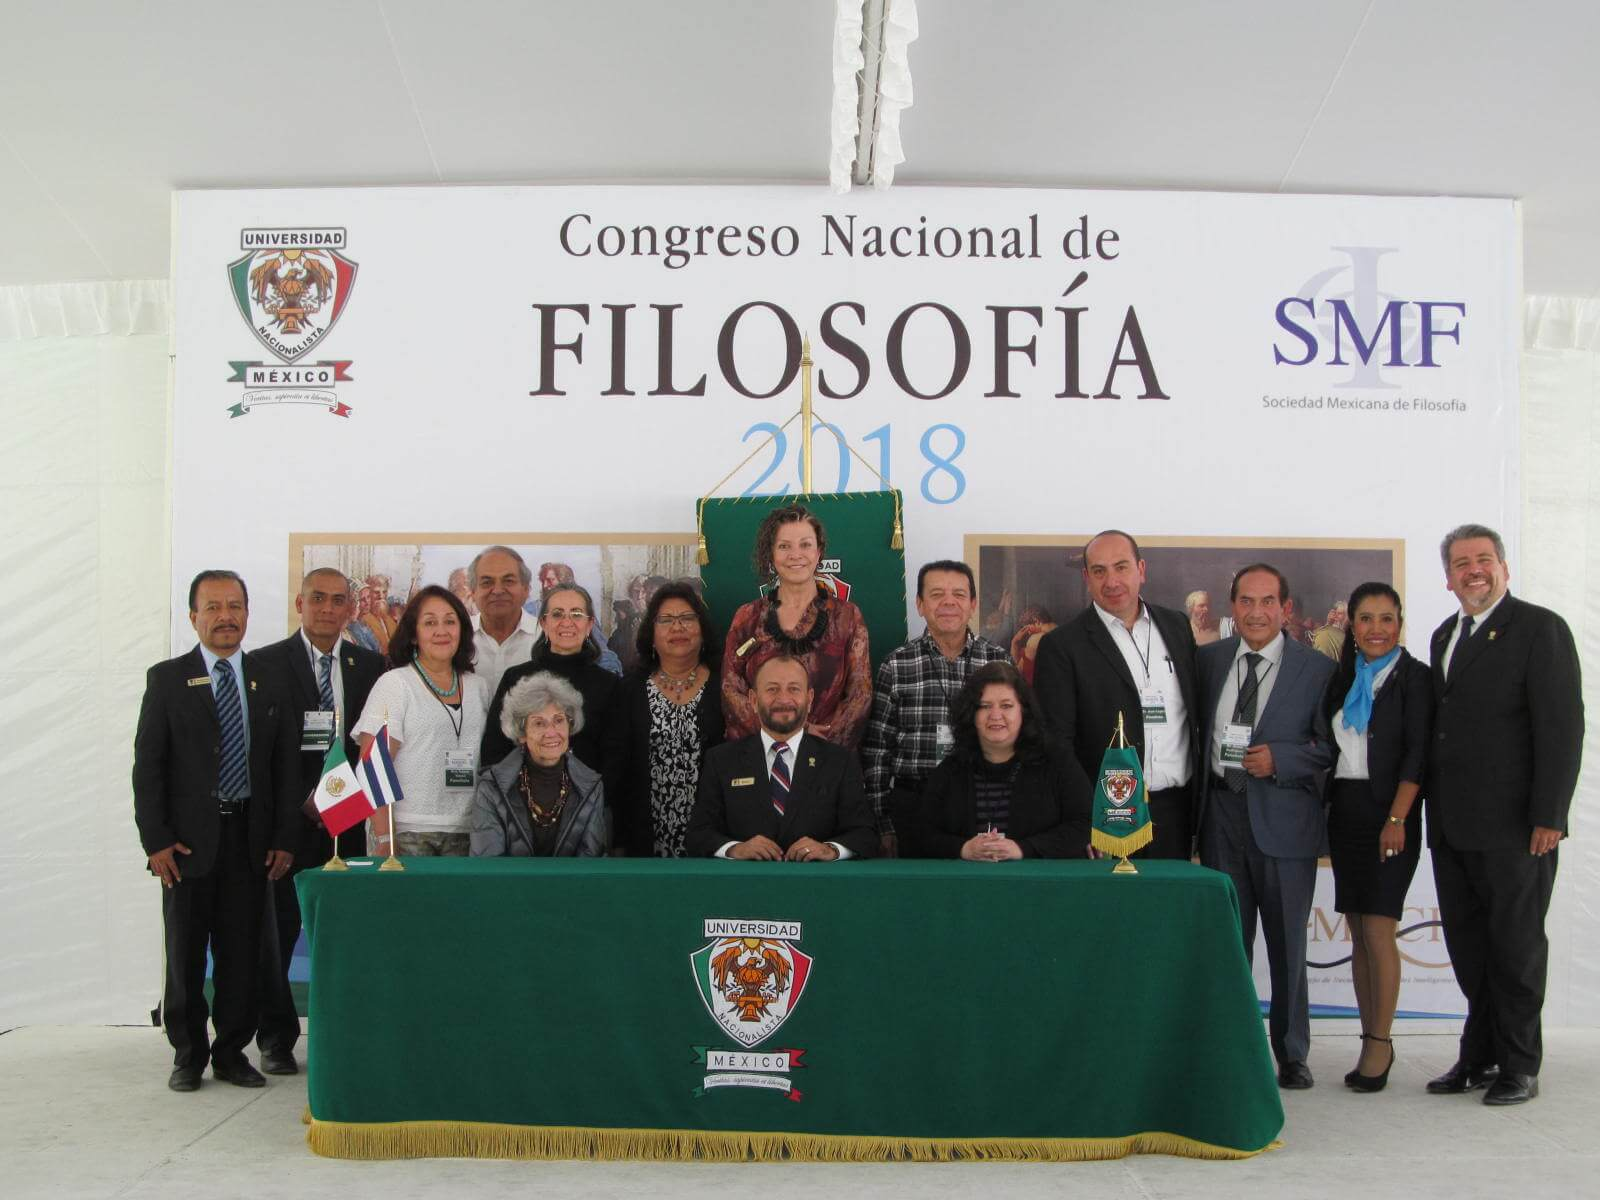 Los días 16 Y 17 de noviembre la Universidad Nacionalista México fue sede del Congreso Nacional de Filosofía 2018 en el que se desarrolló el tema